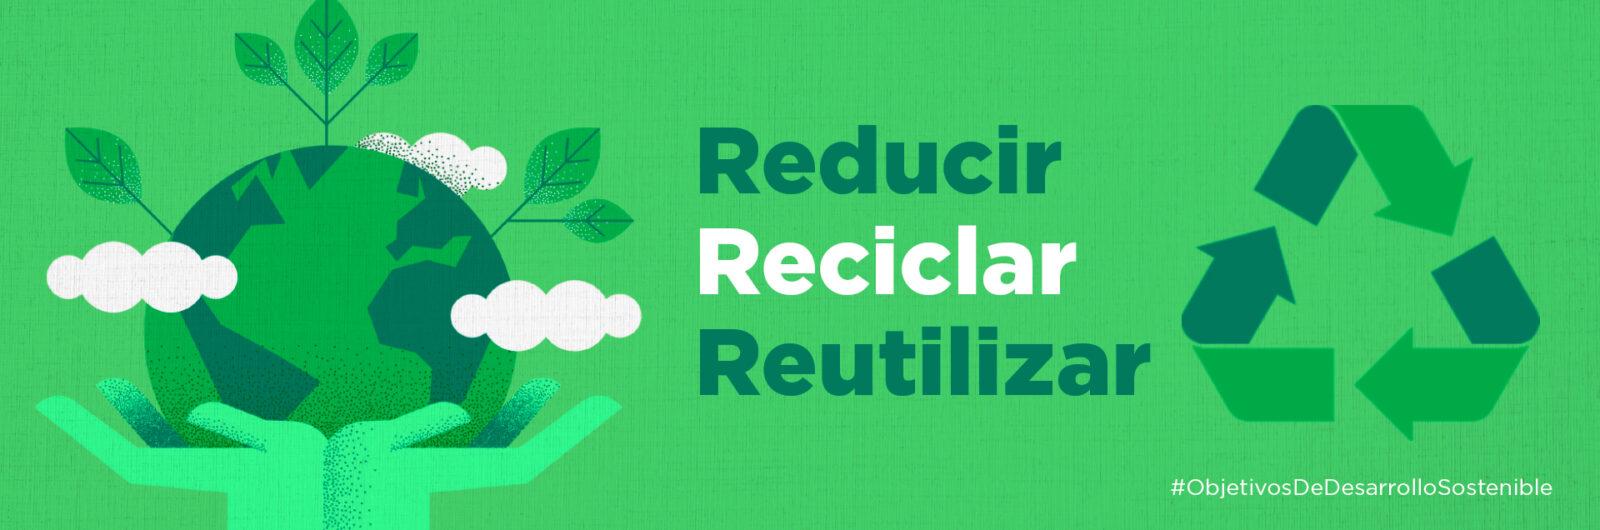 Banner-Sostenibilidad-RRR